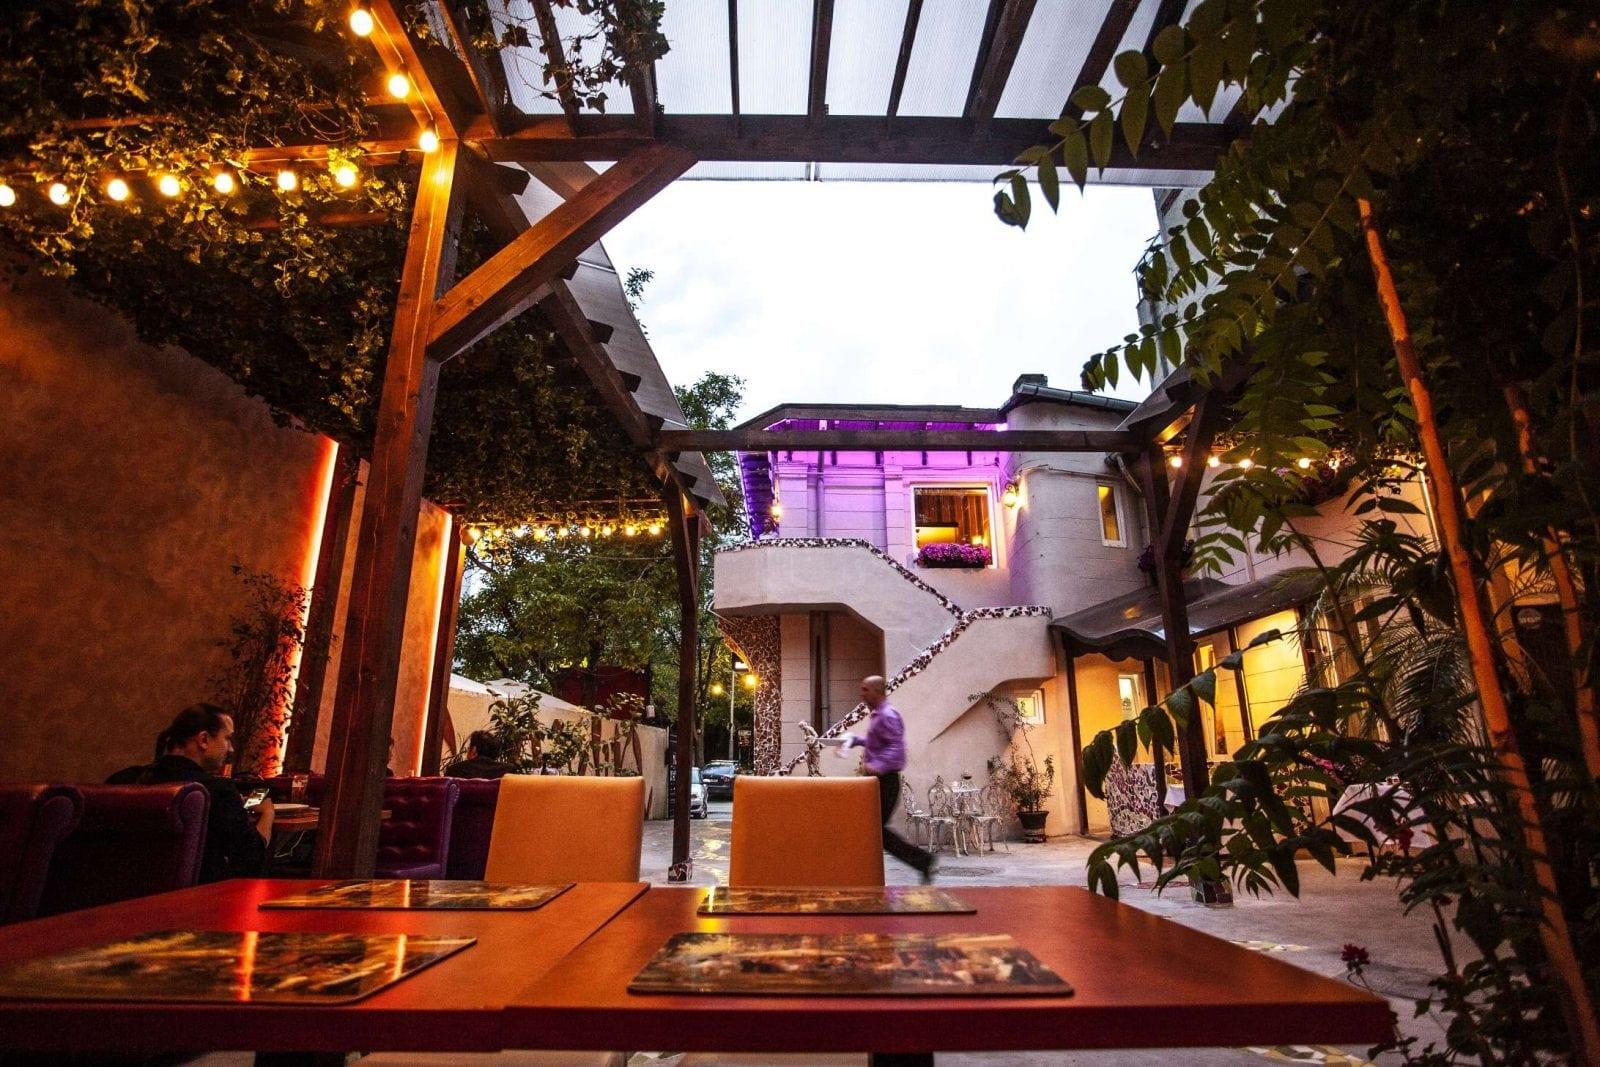 Delicii culinare la Grădina de vară La Rambla